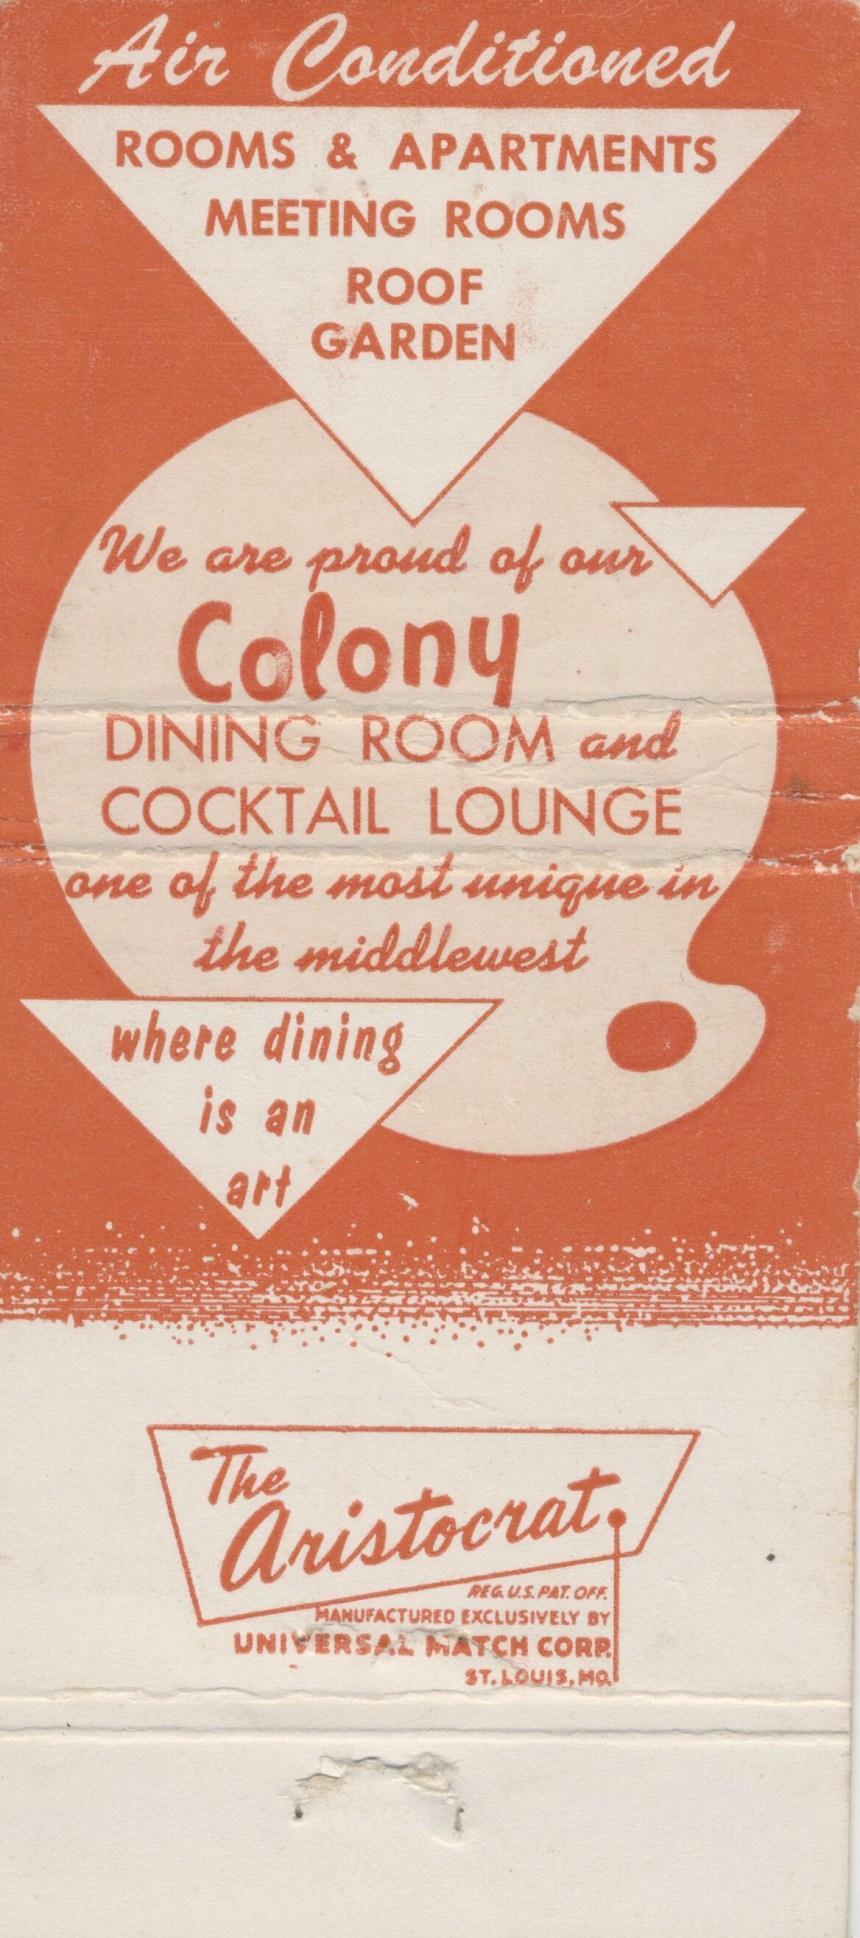 MO, Kansas City - The Ambassador Hotel & The Colony (3).jpg